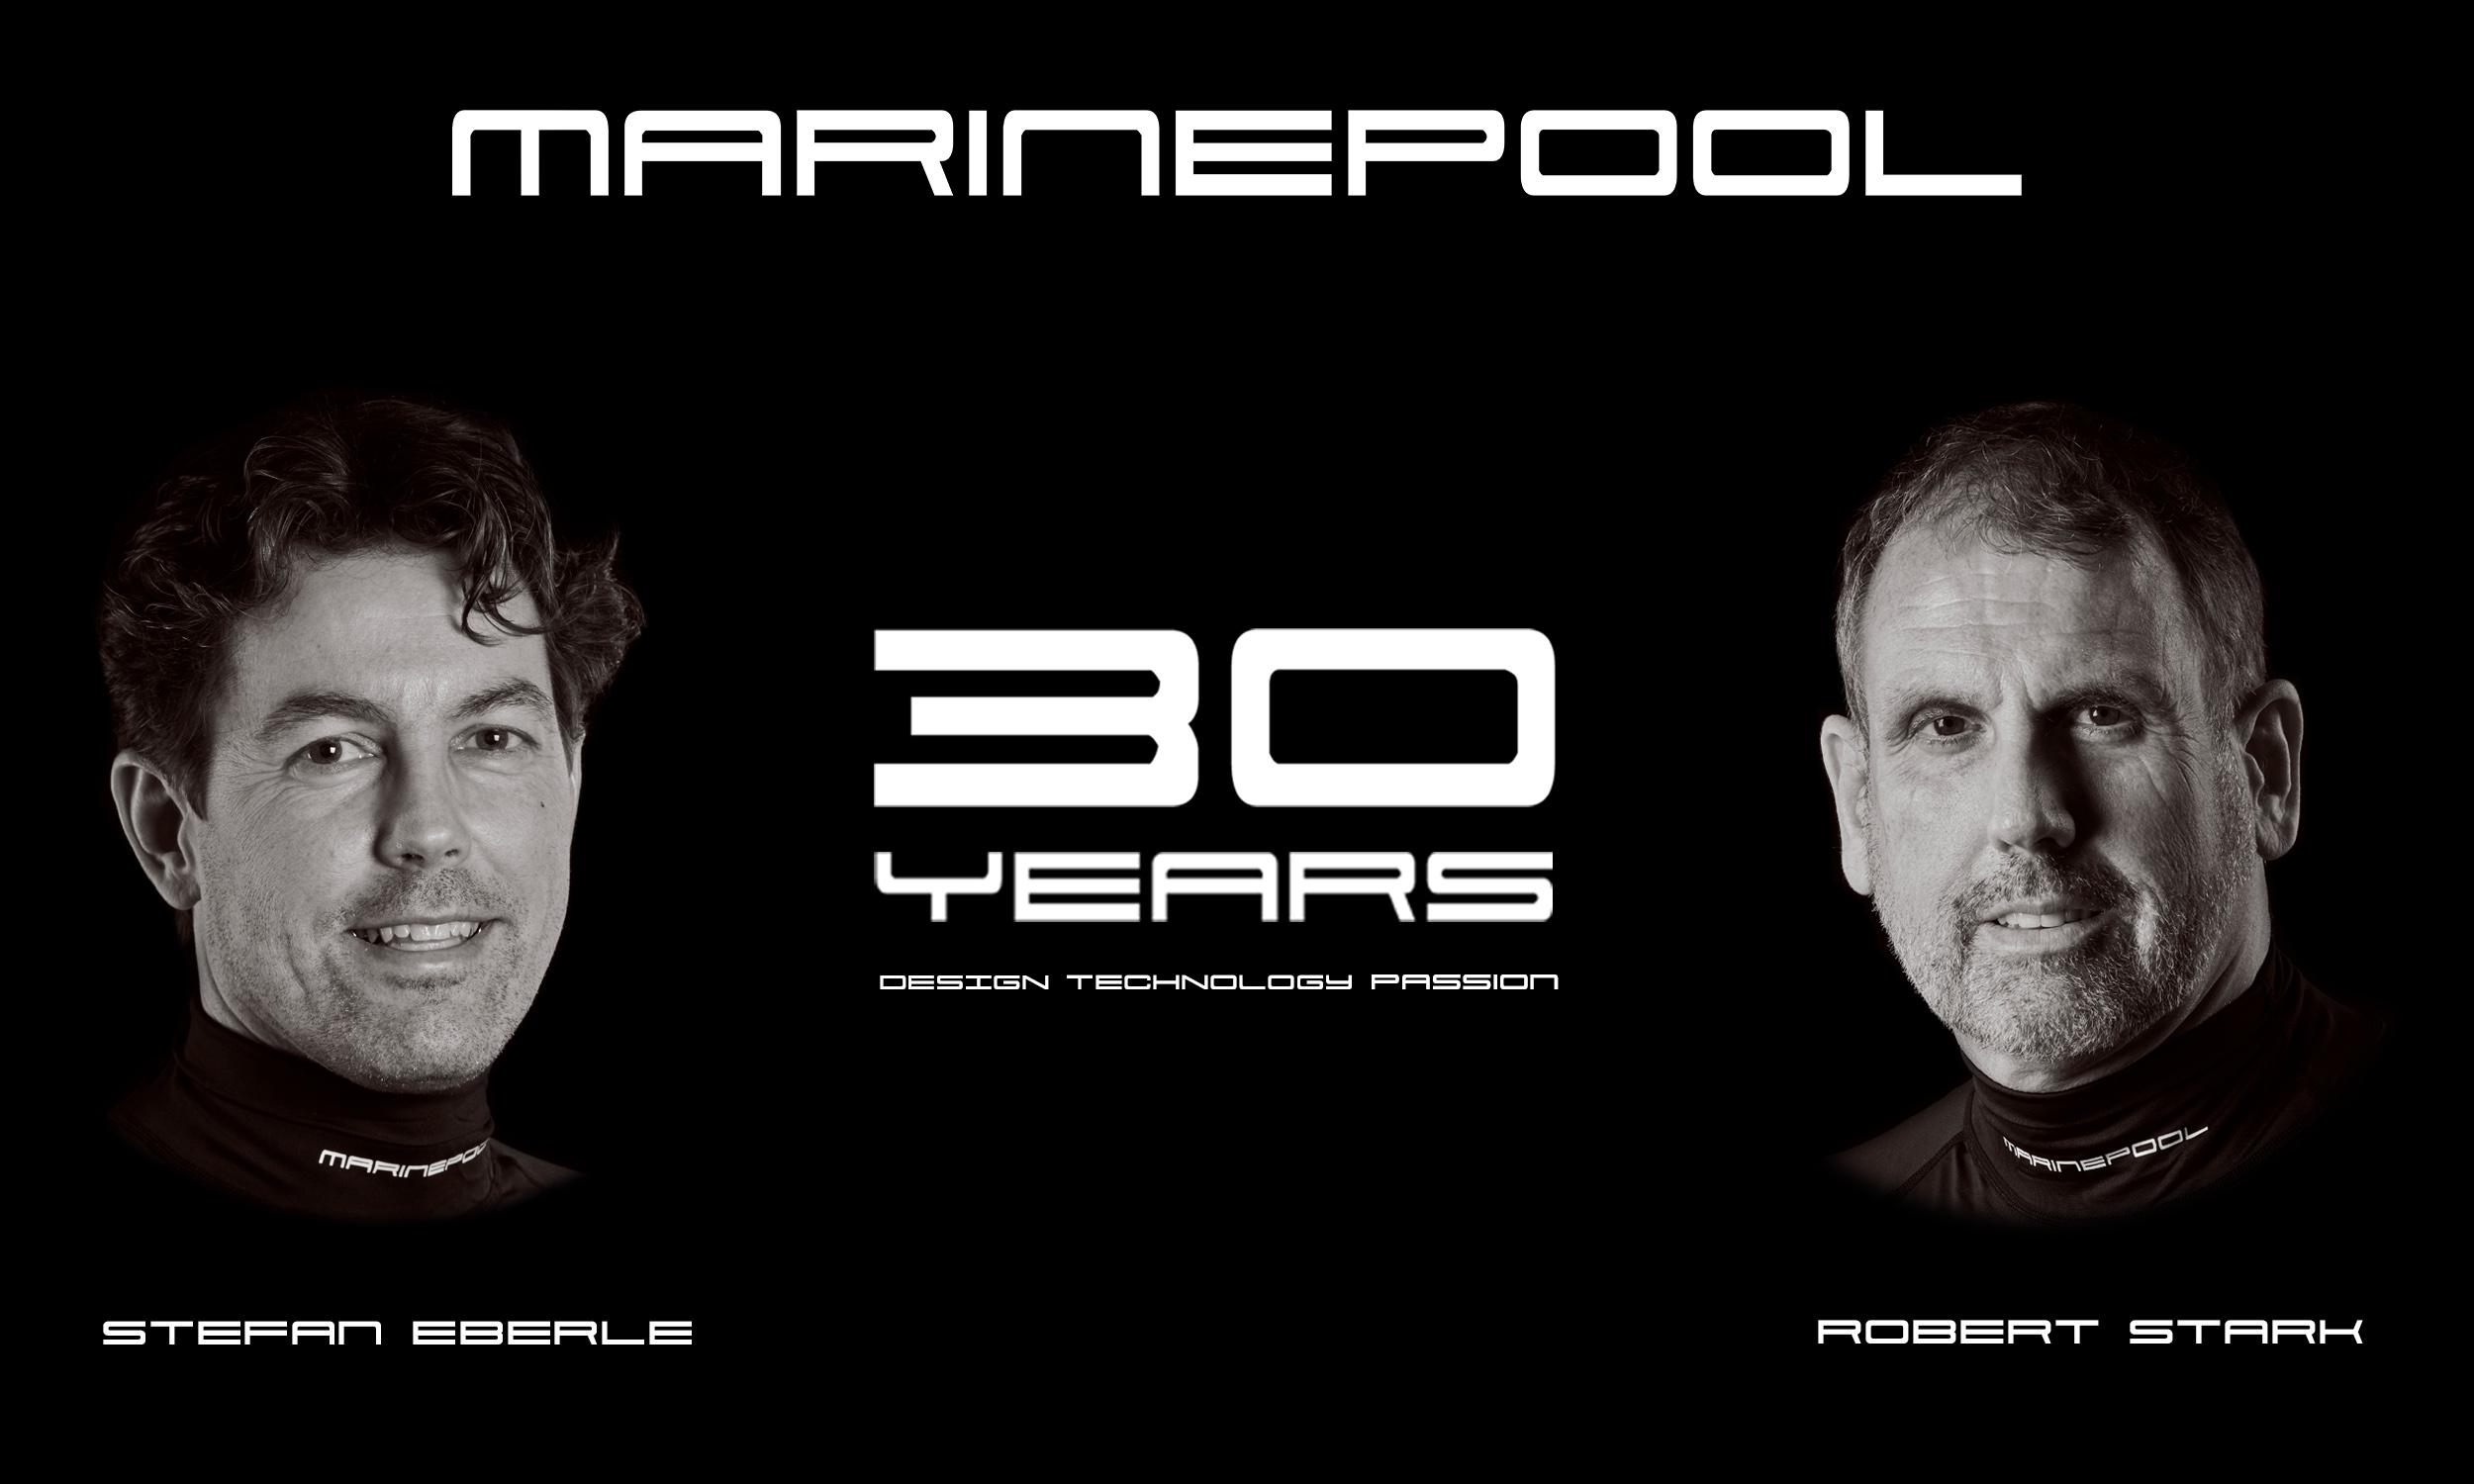 30 Jahre Marinepool